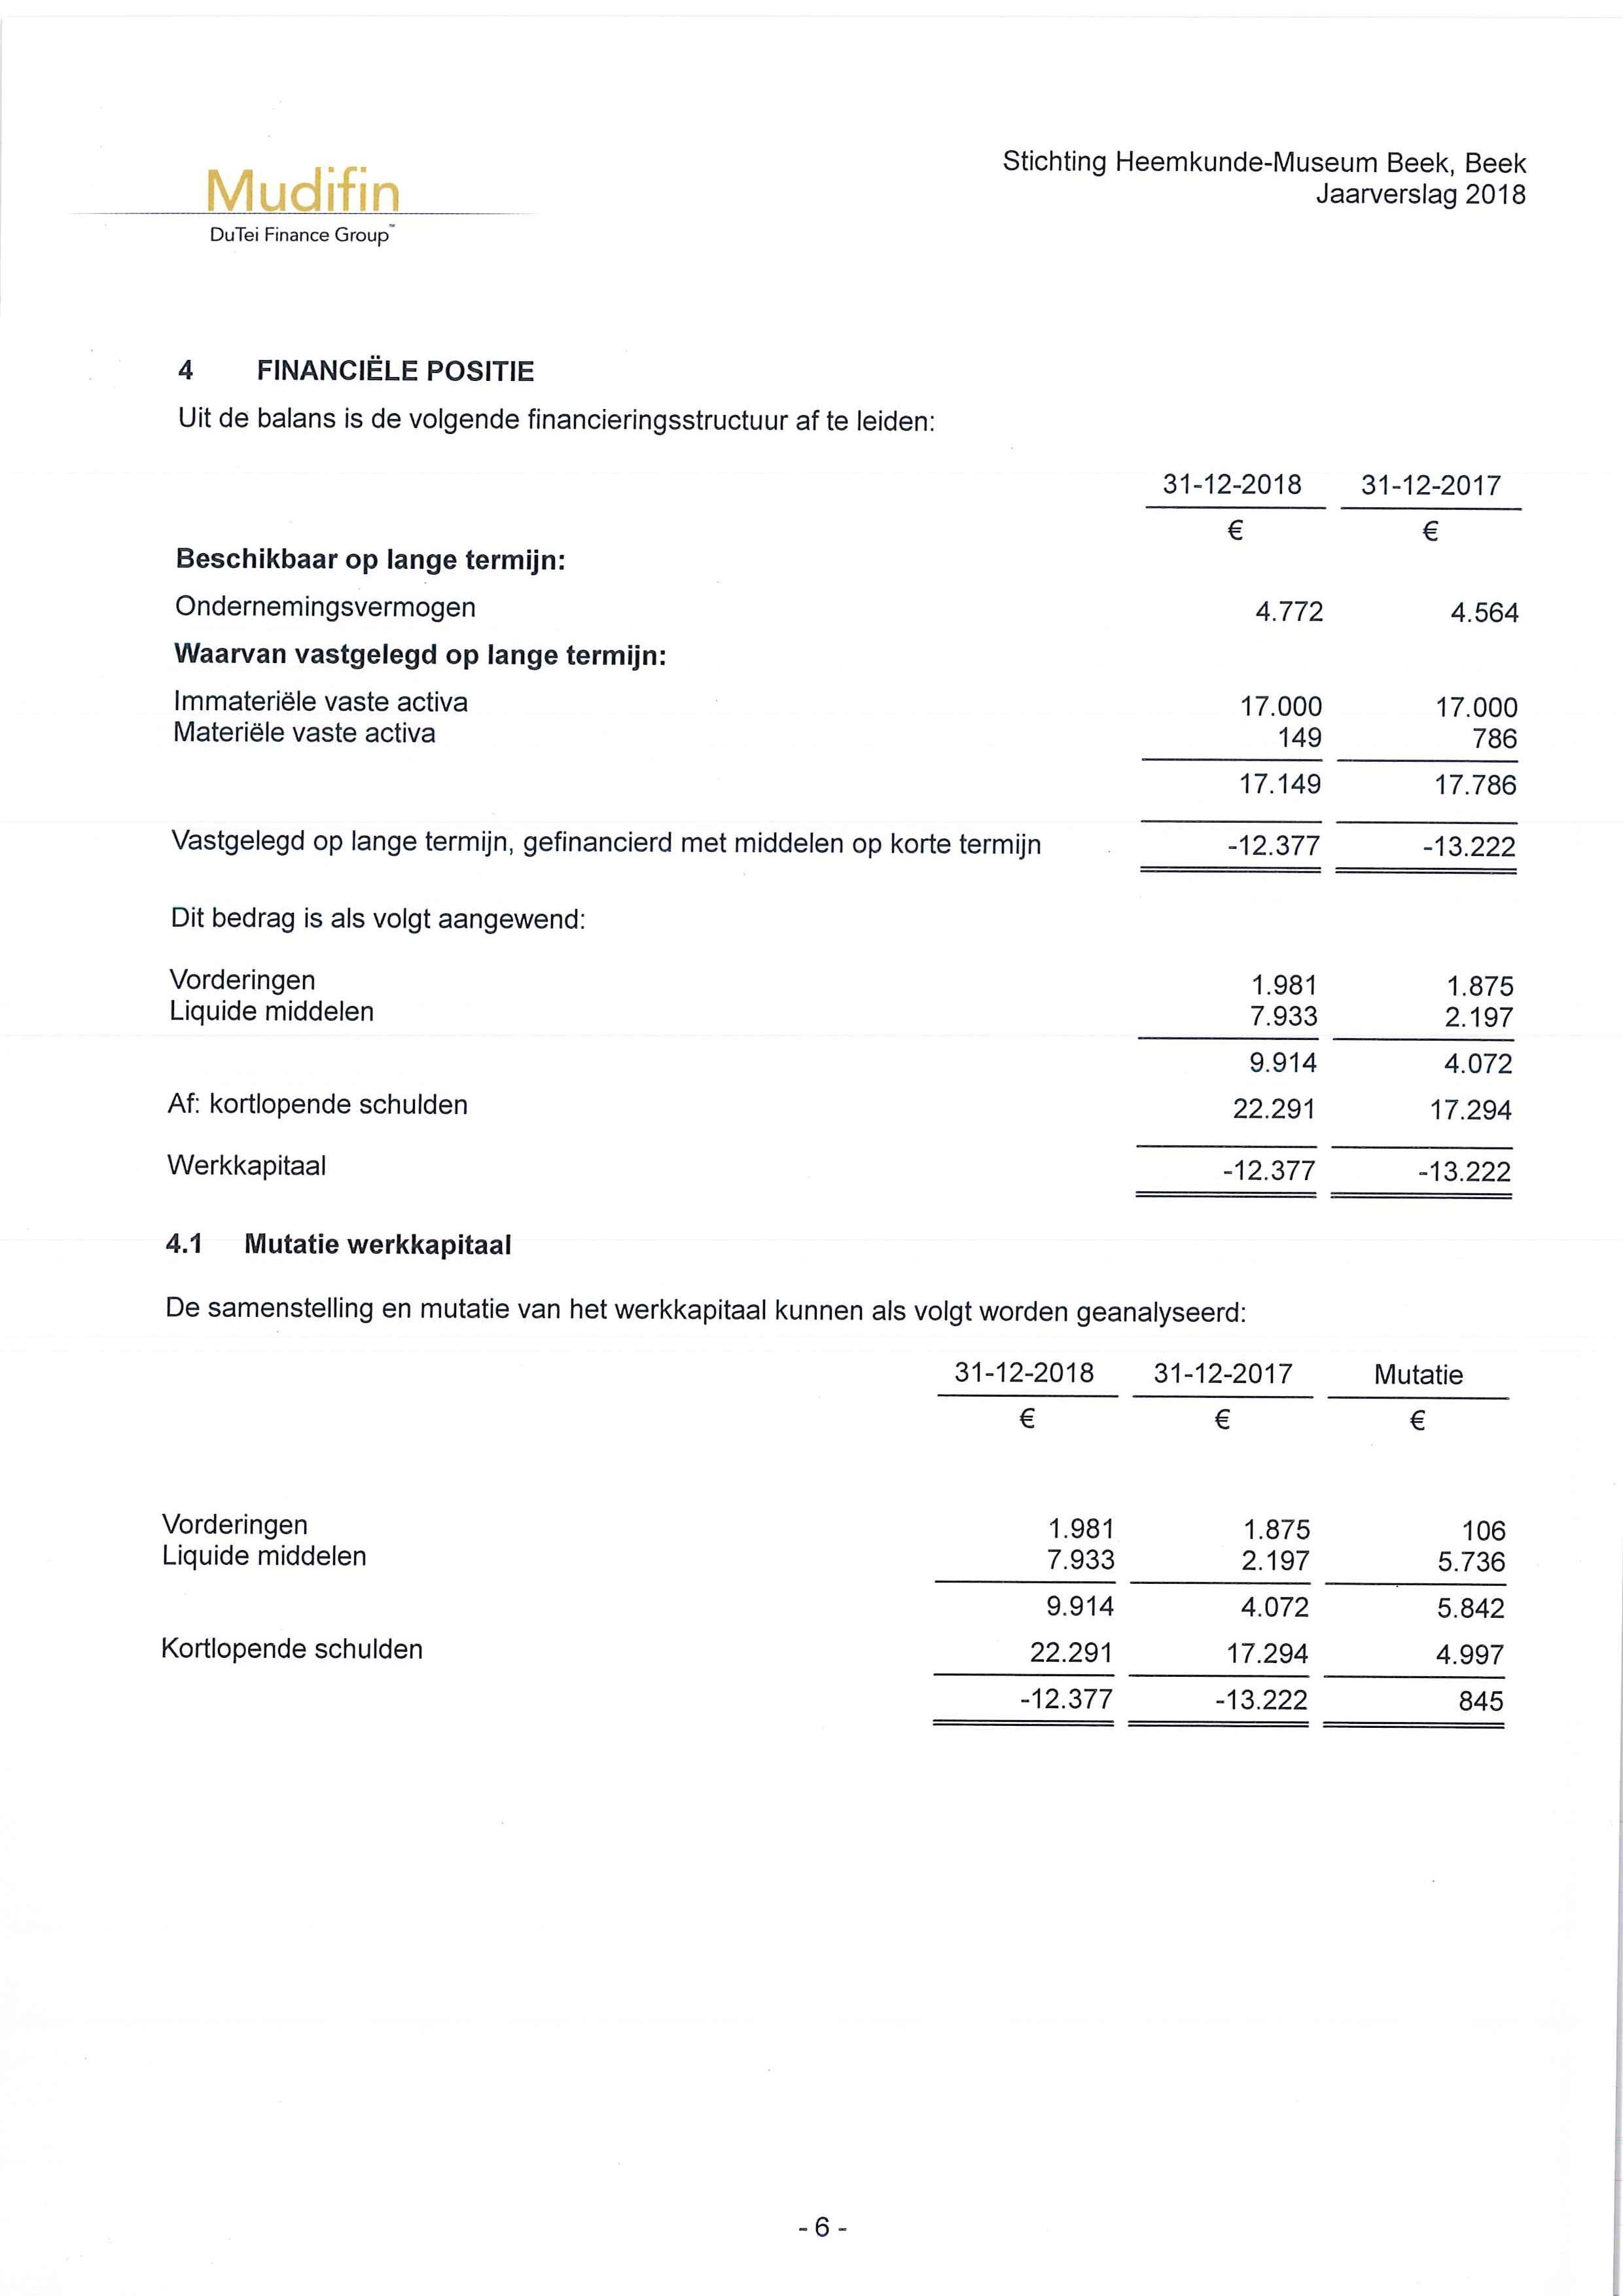 Jaarrekening-2018.page06.jpg - 366,30 kB